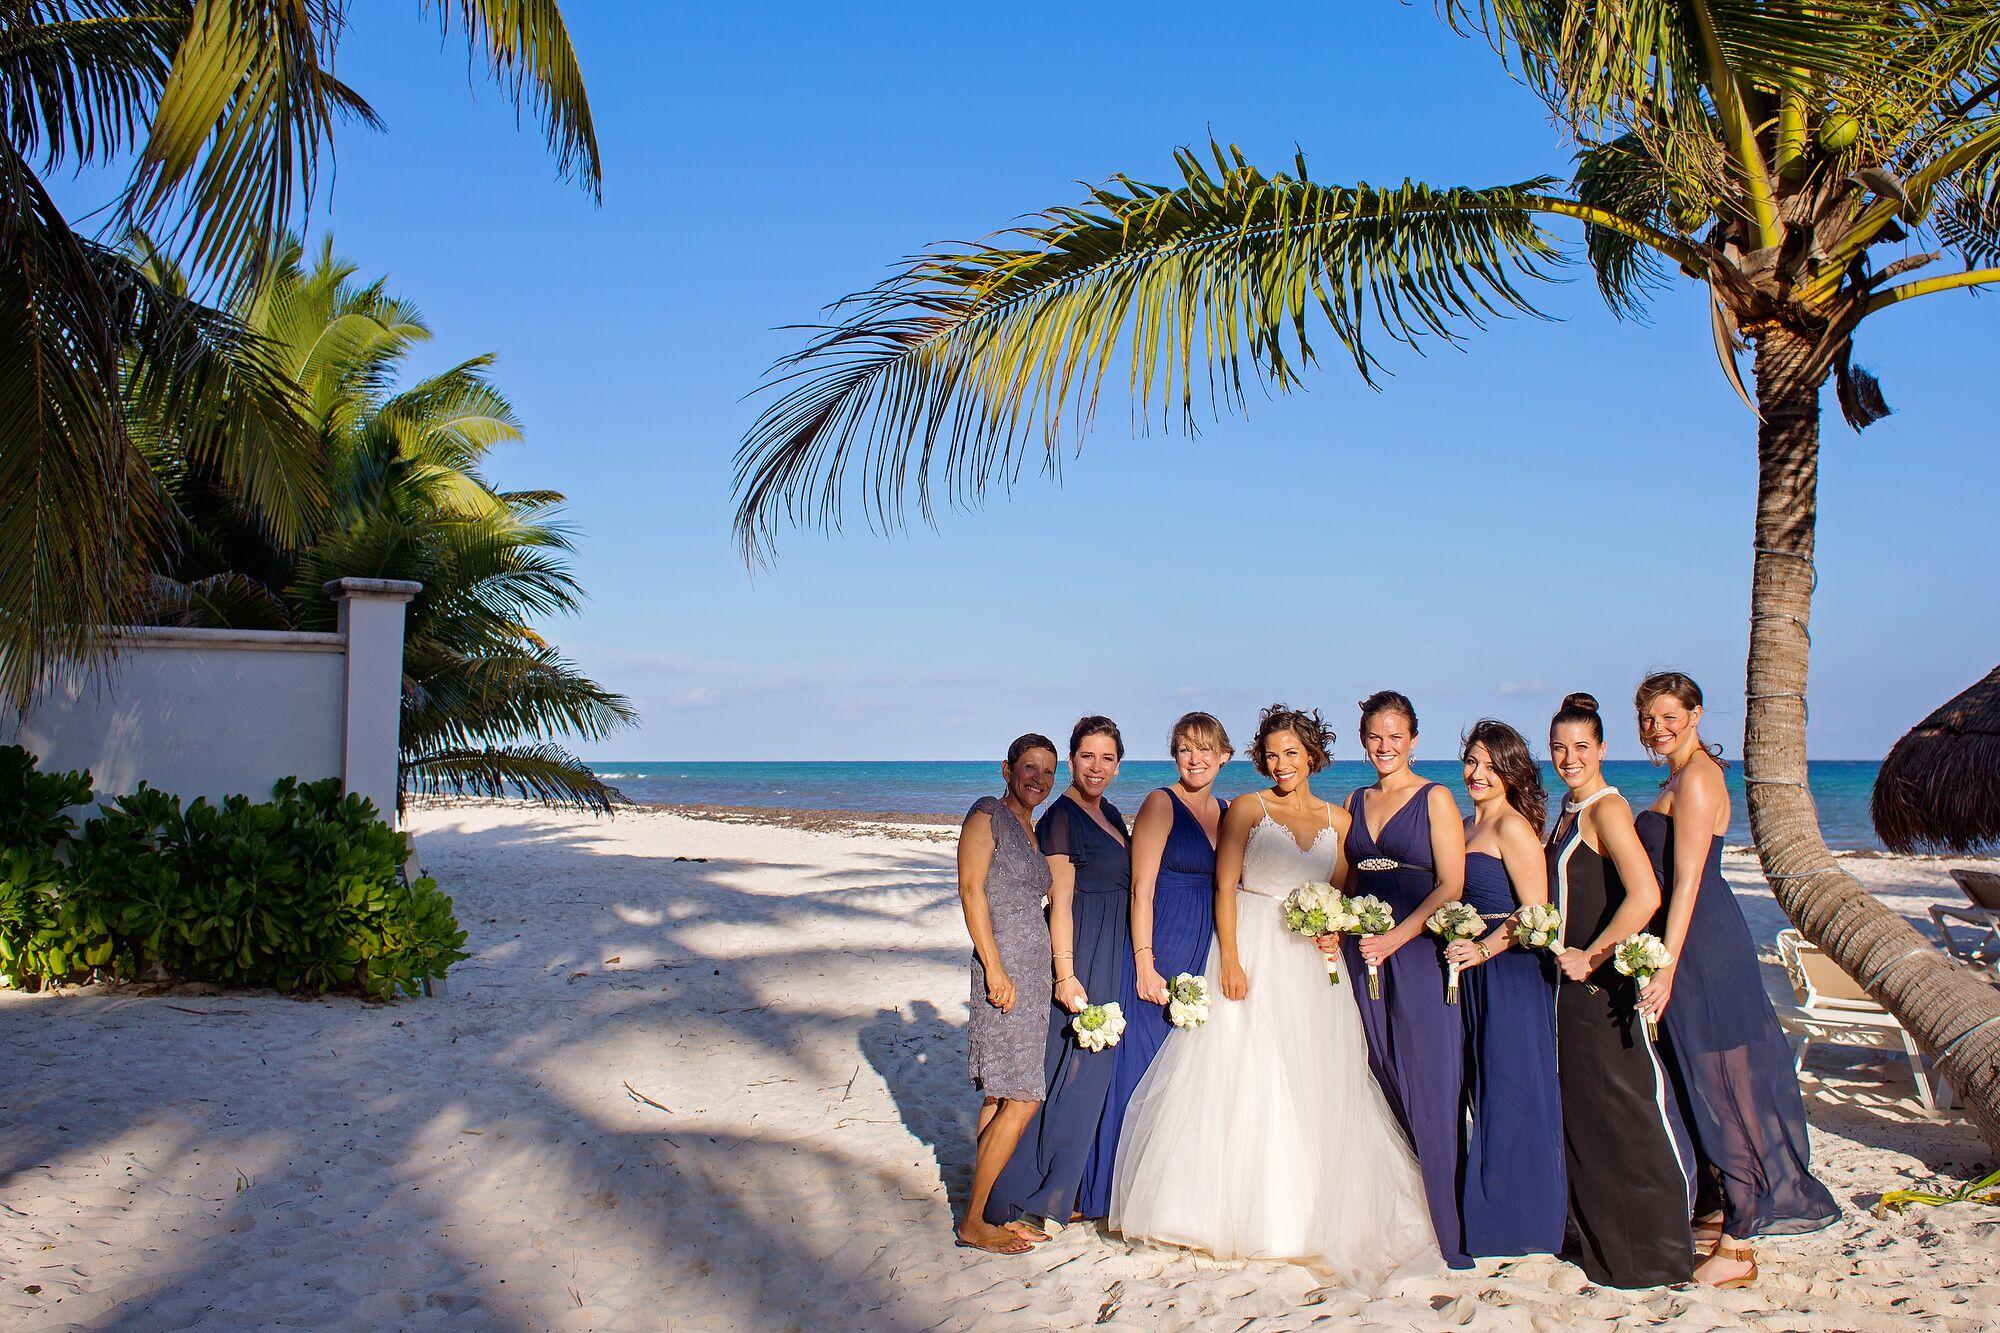 Navy Bridesmaid Dresses At Beach Wedding